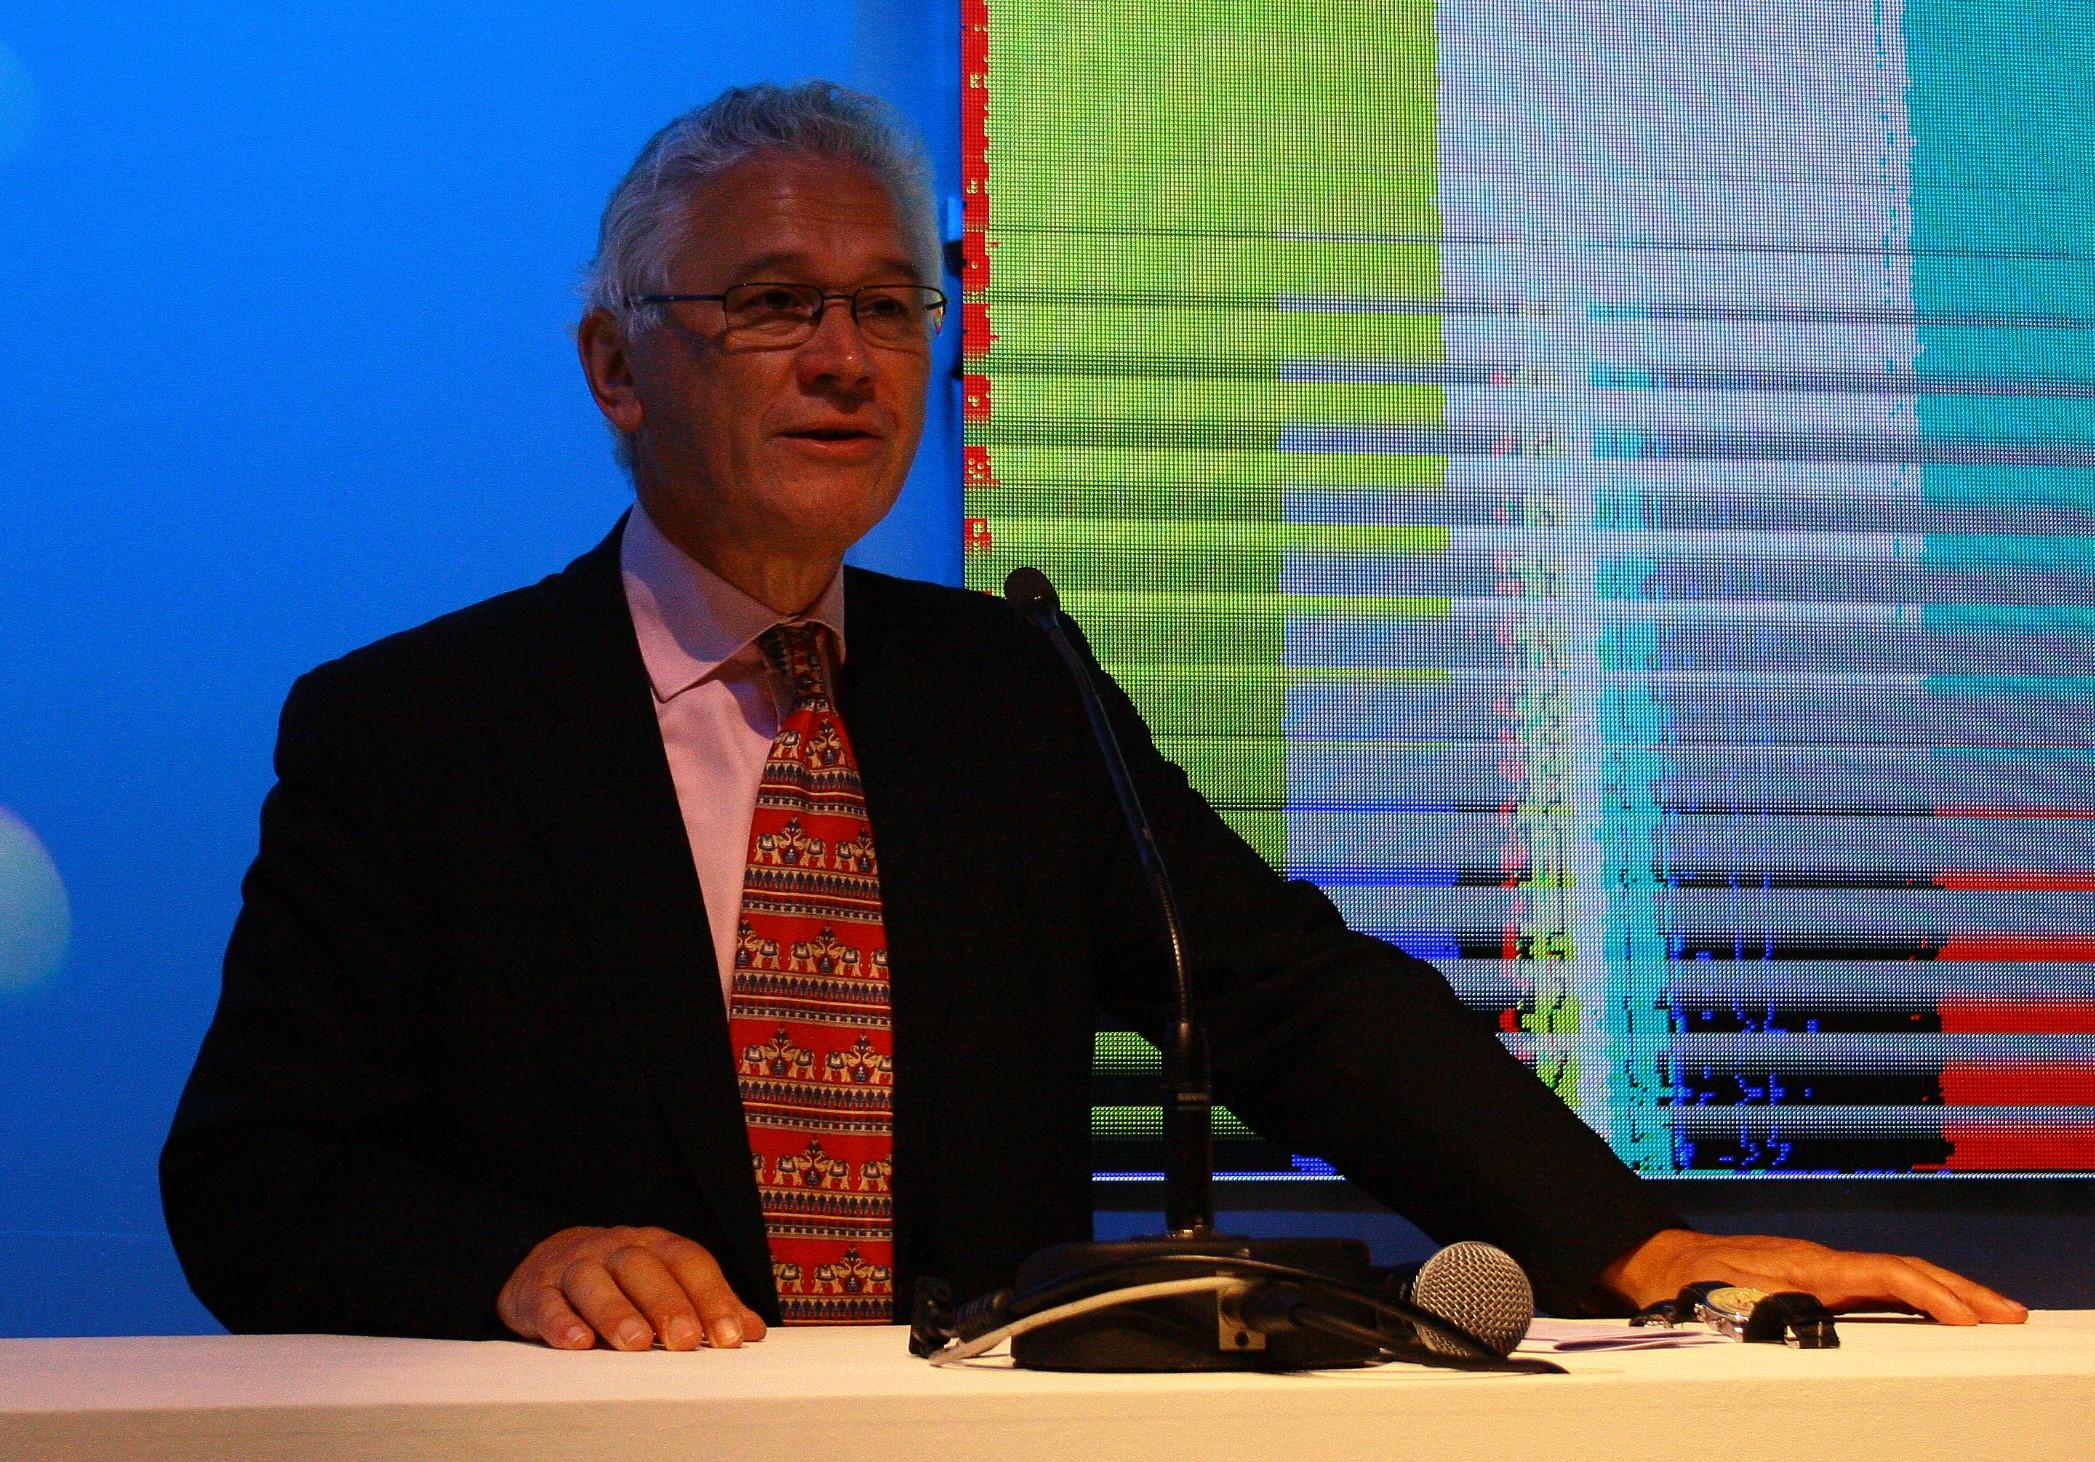 Hervé Juvin, président de l'Observatoire Eurogroup Consulting